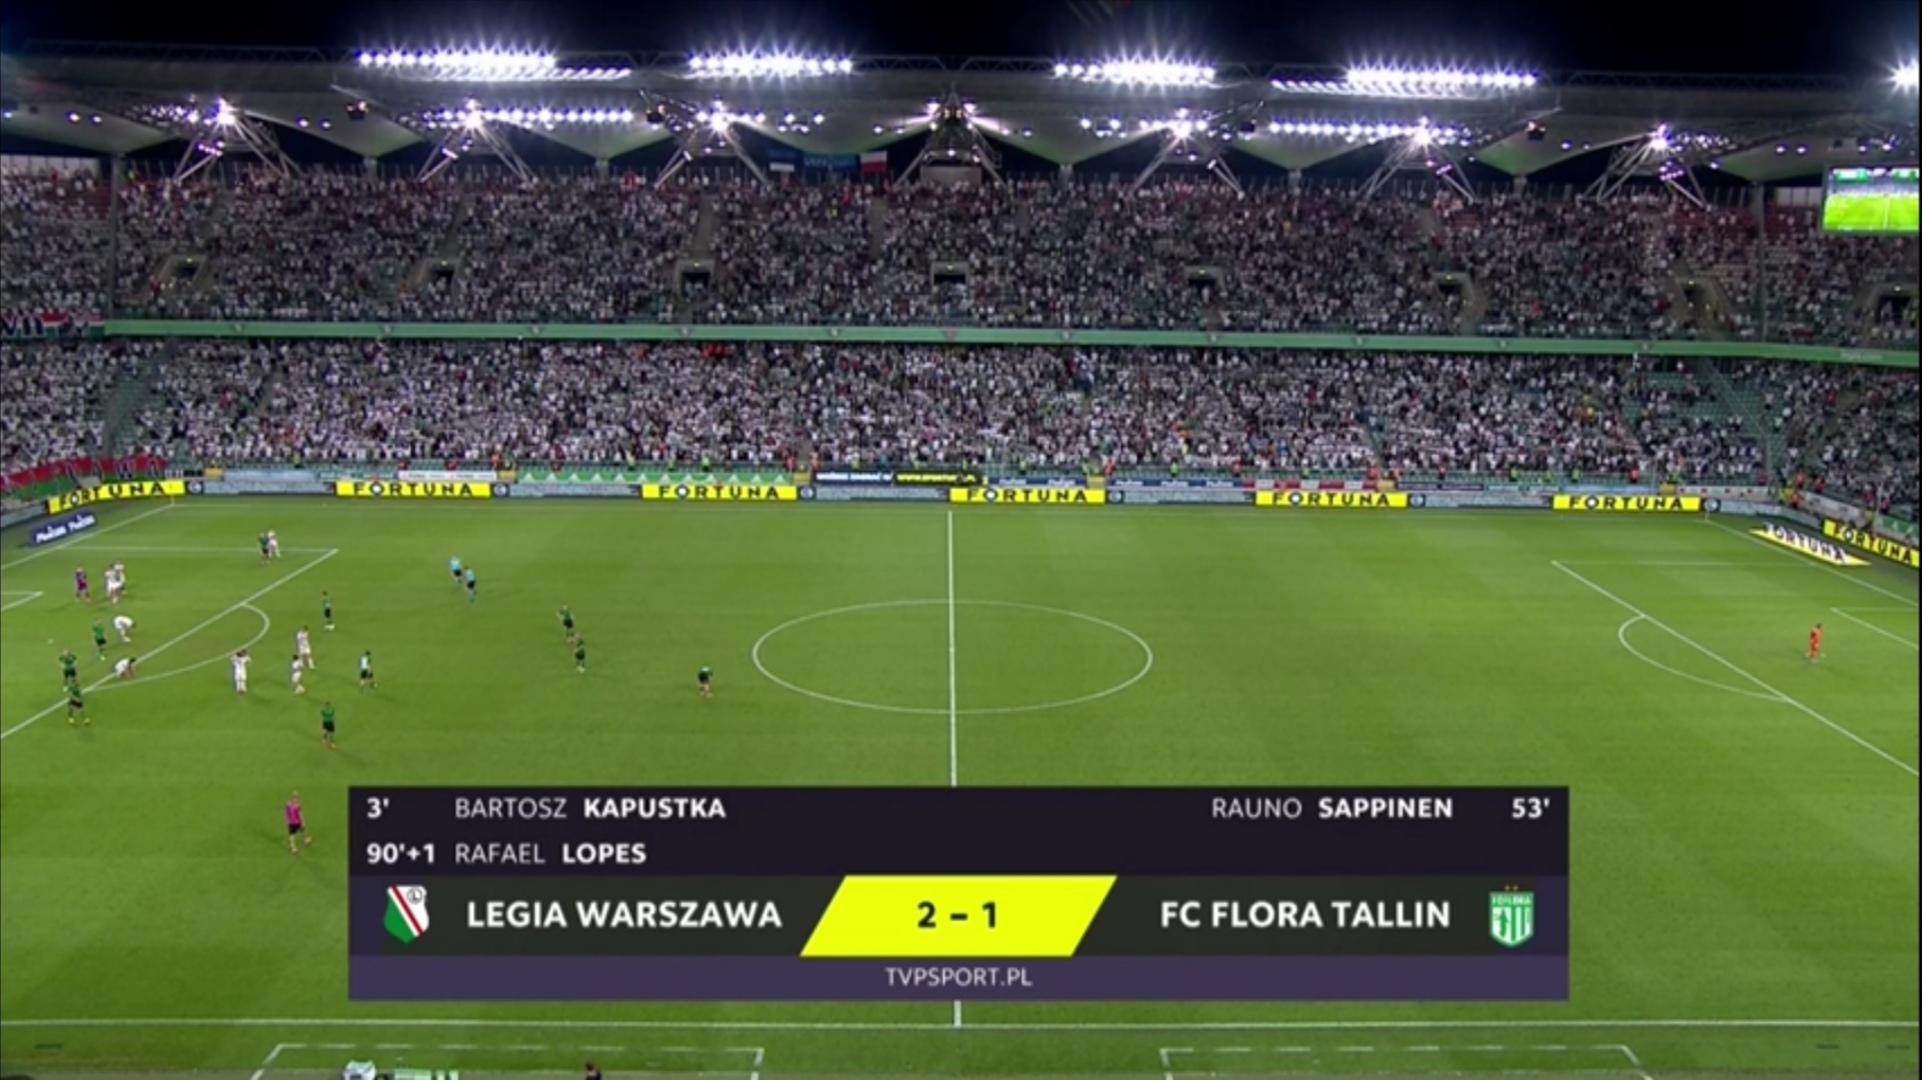 Легия (Польша) - Флора (Эстония) 2:1